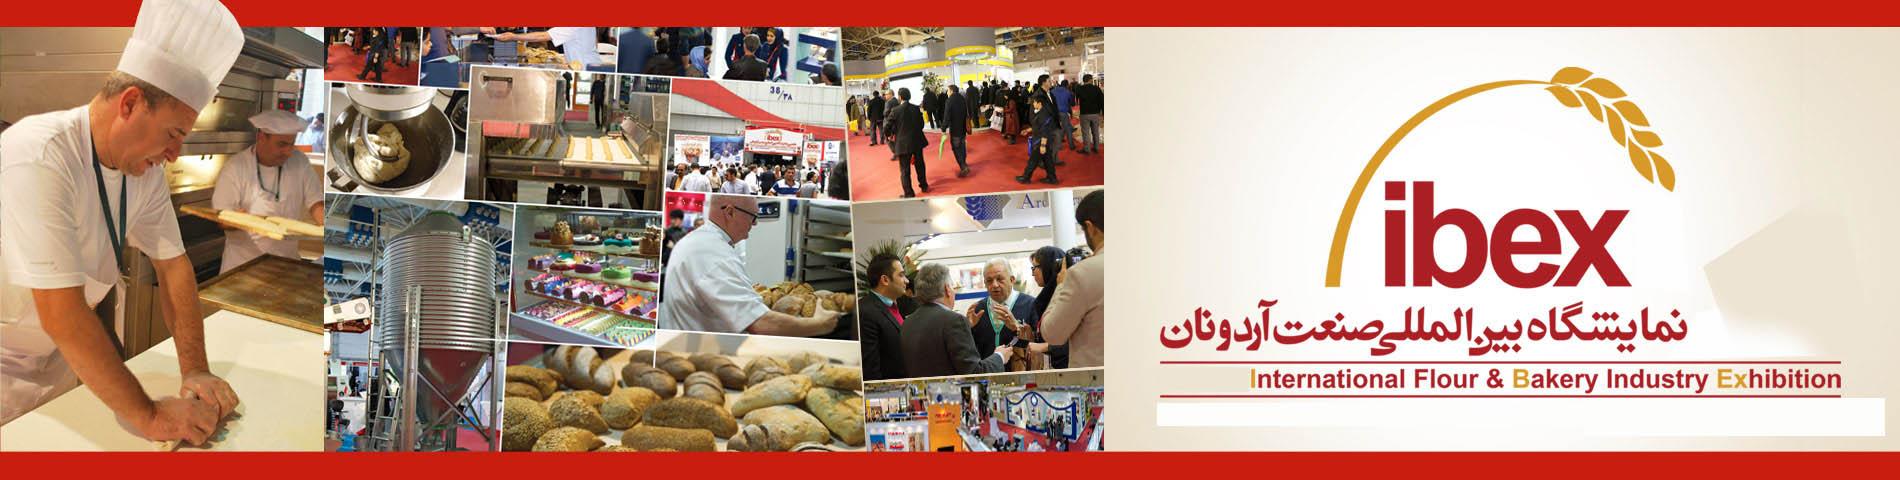 نمایشگاه بین المللی صنعت آرد و نان ایران تهران